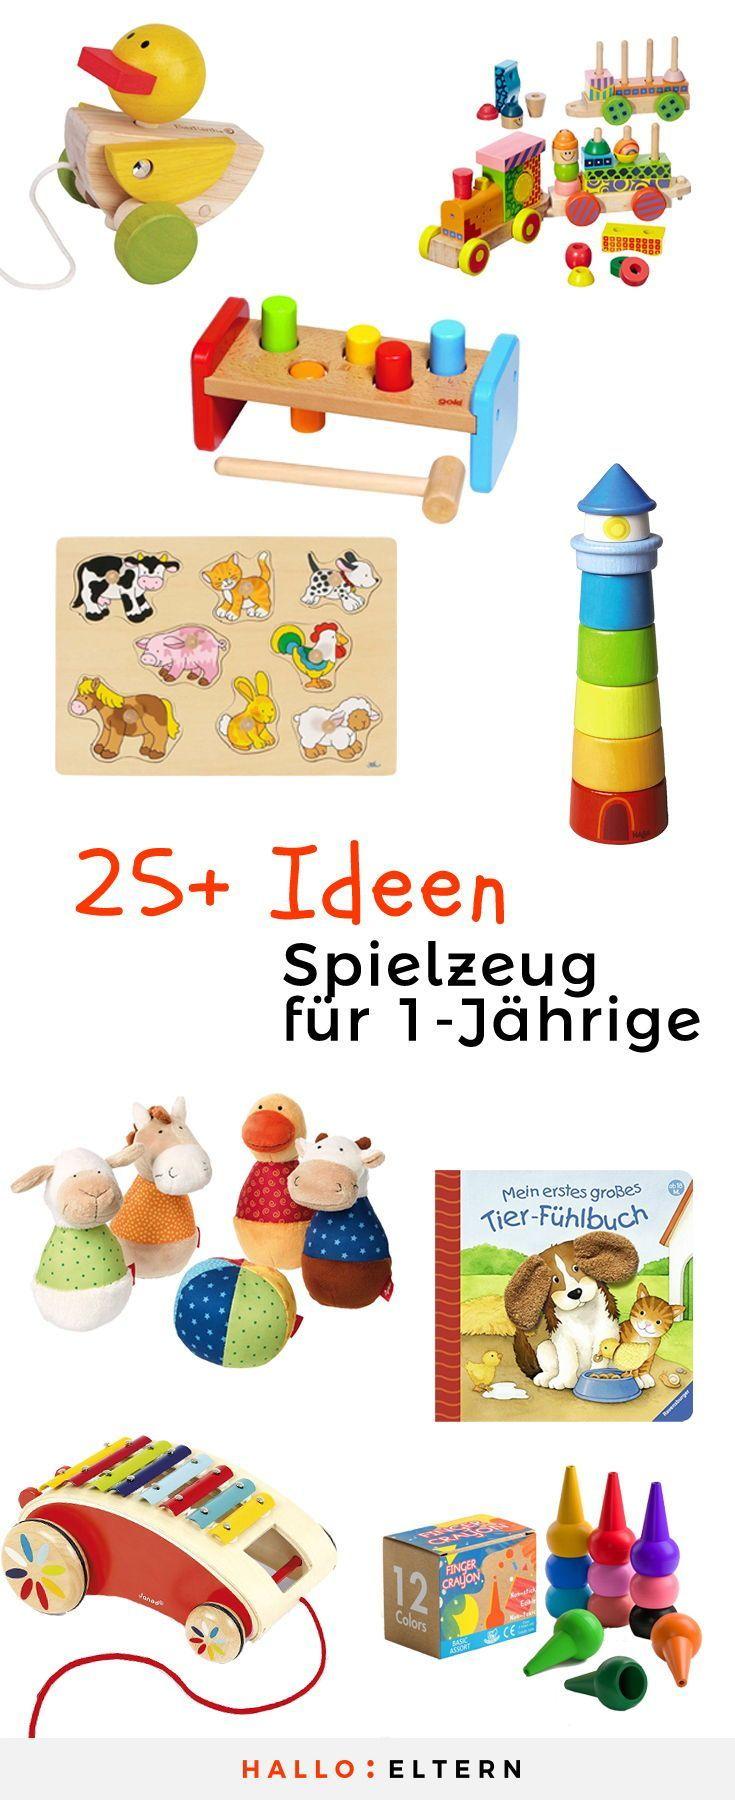 Zeit Fur Neues Spielzeug 20 Ideen Was 1 Jahrige Gerne Spielen Babyspielzeug Geschenk Baby 1 Jahr Geschenk Kind 1 Jahr